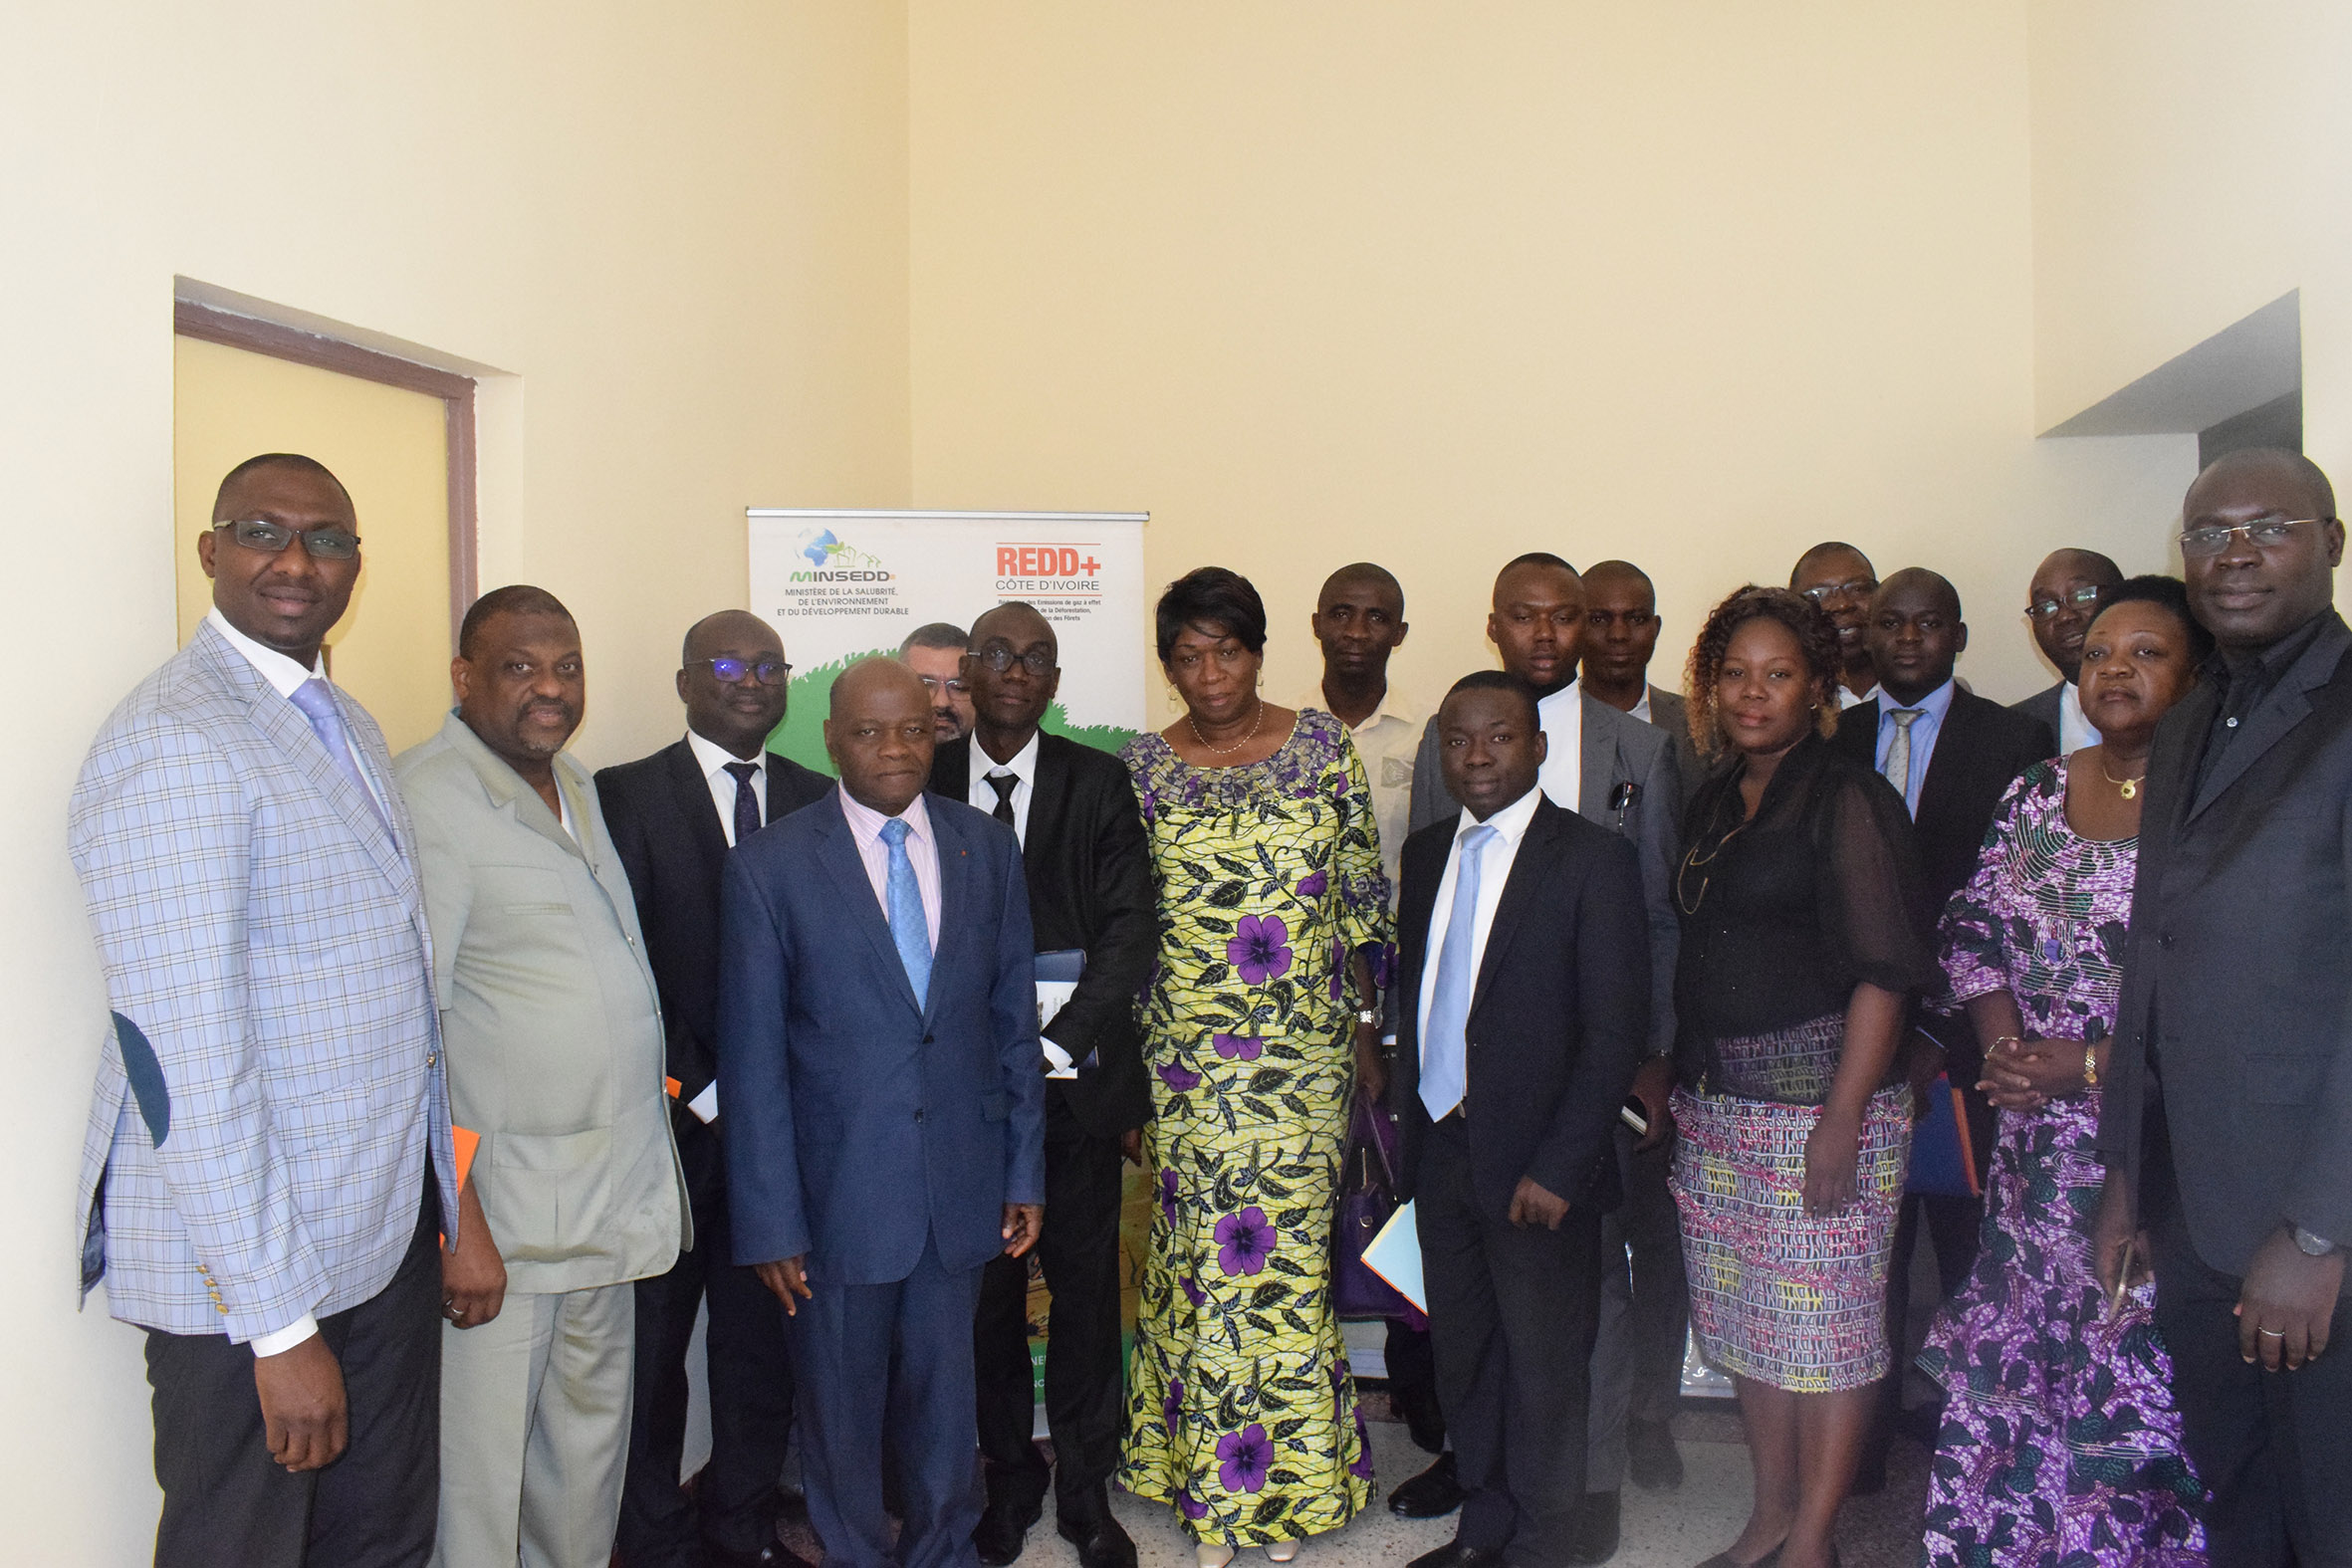 Réunion du comité national REDD+ élargie au comité technique interministériel